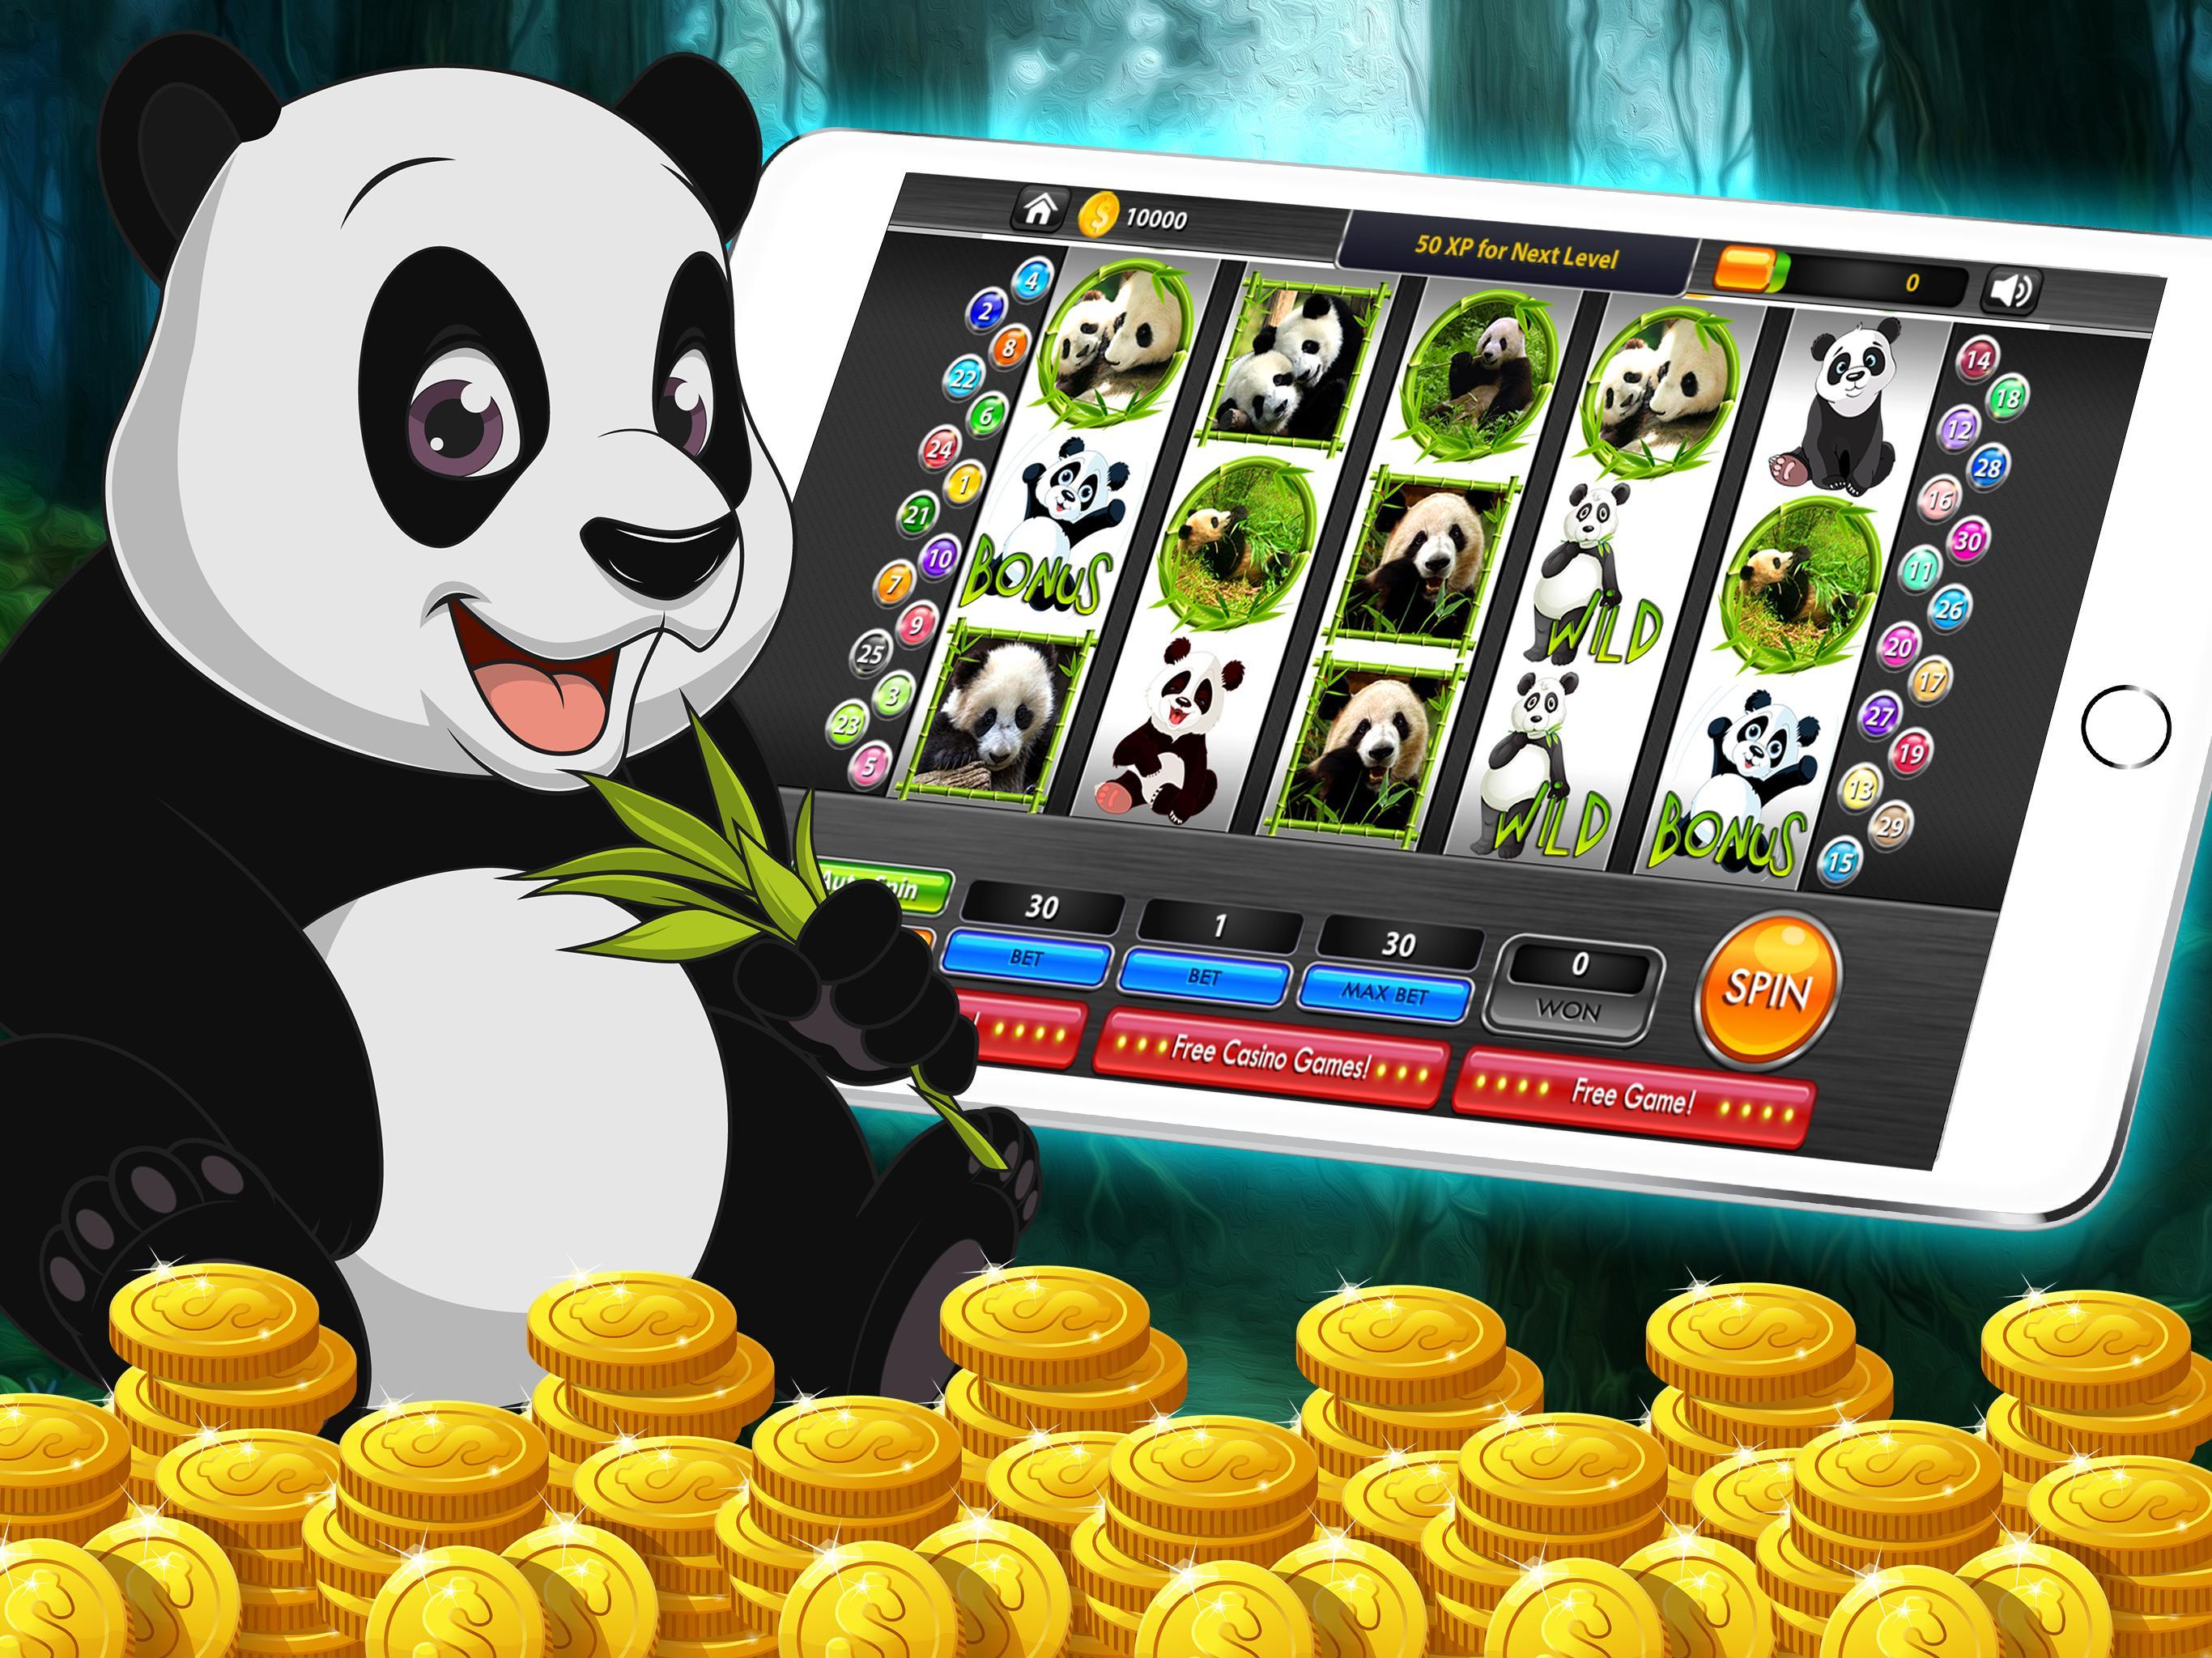 Wild panda casino slot video